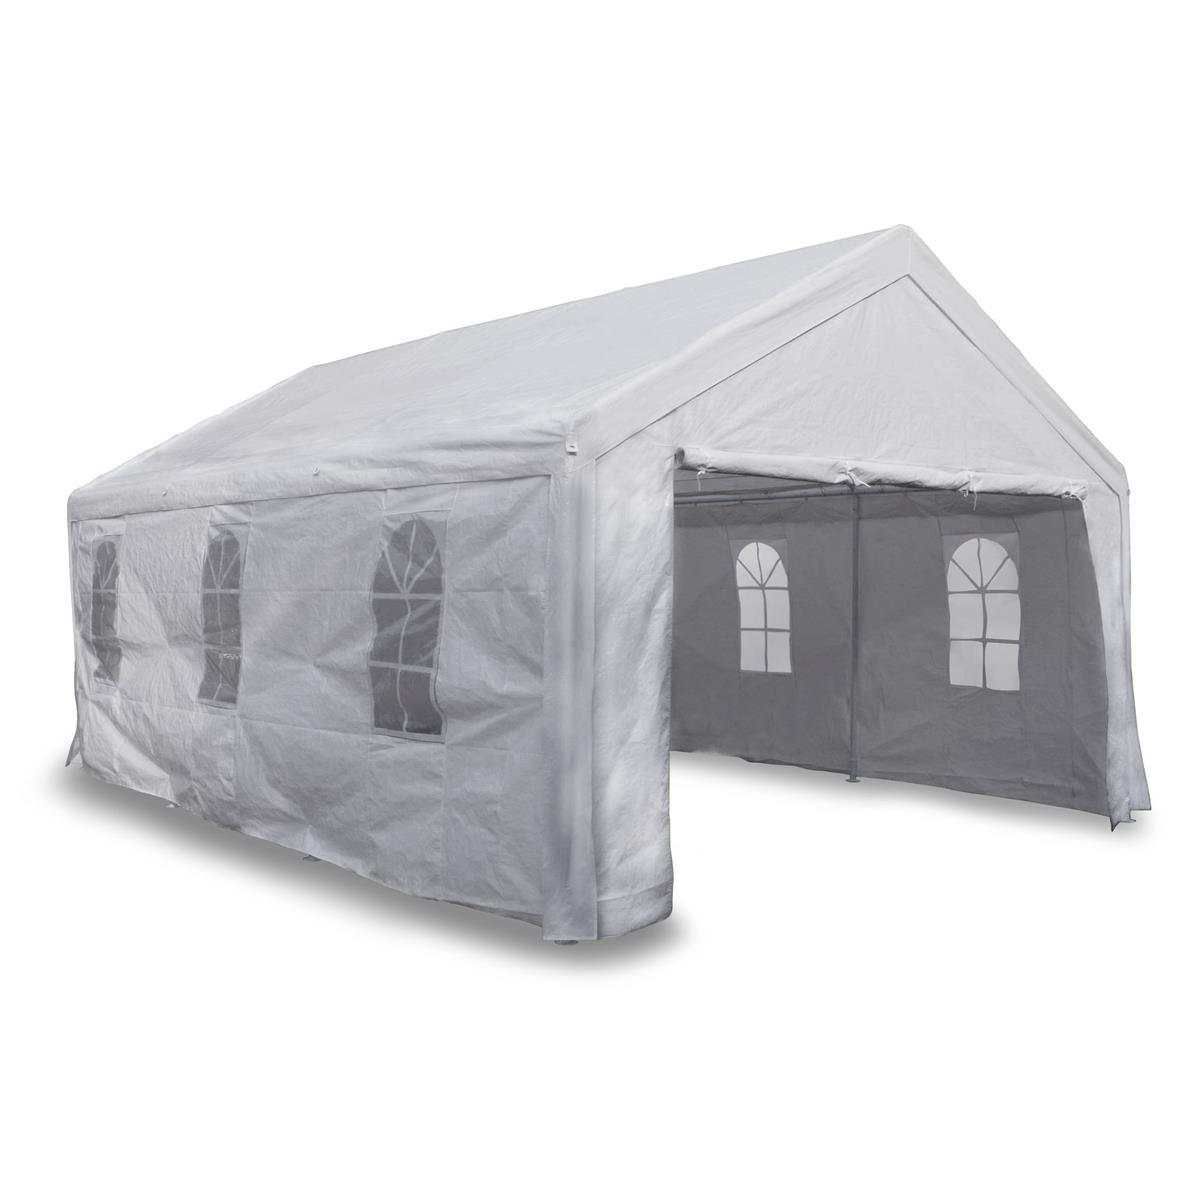 Festzelt Pavillon 4x6 m weiß mit Seitenteilen 180g/m² PE wasserdicht B-Ware